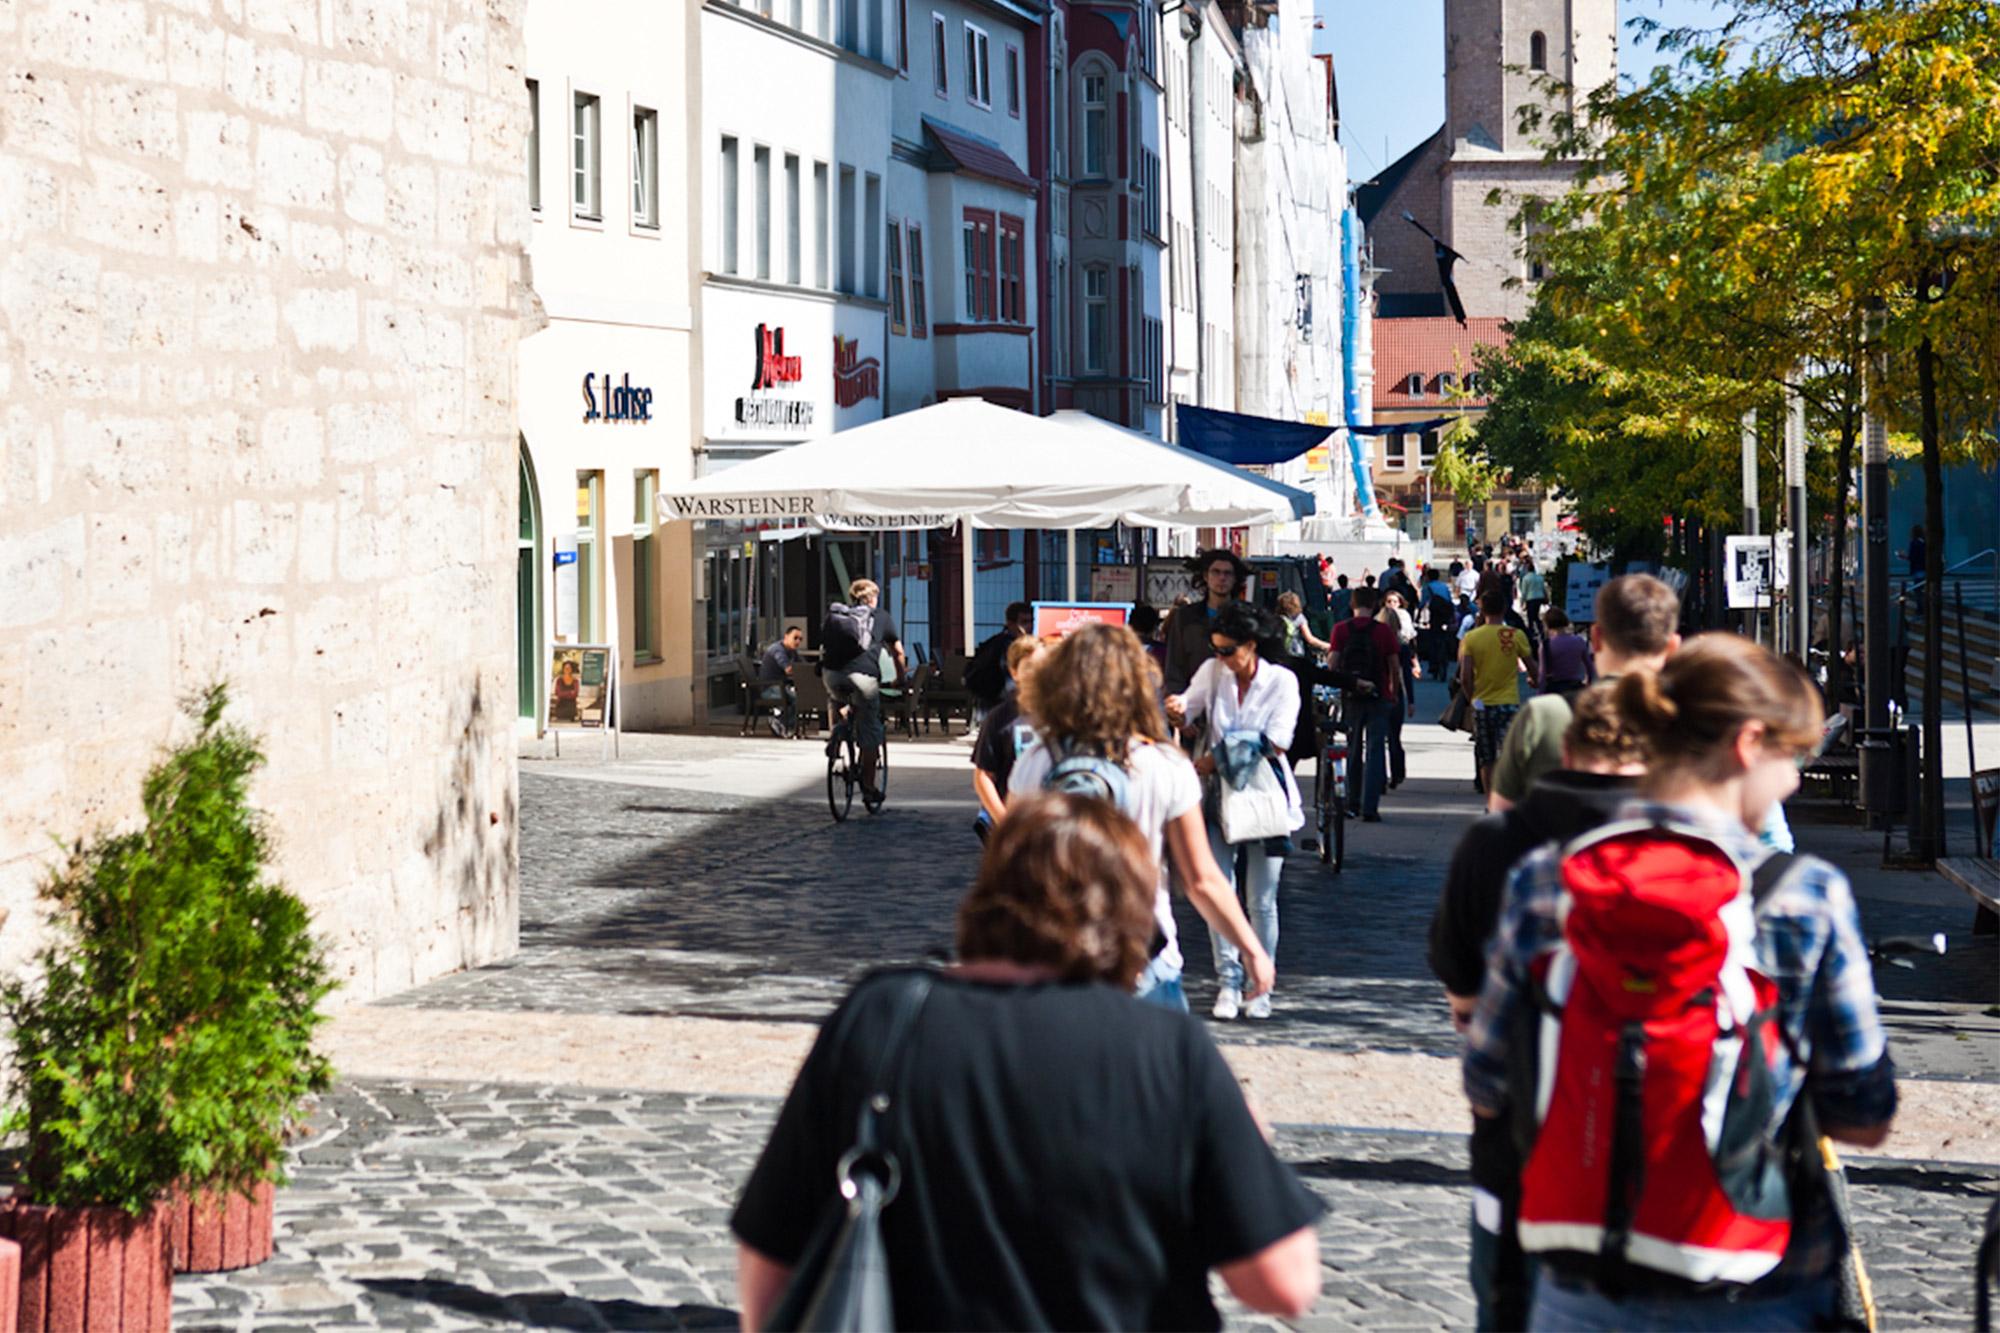 Menschen laufen durch eine Fußgängerzone in der Innenstadt von Jena